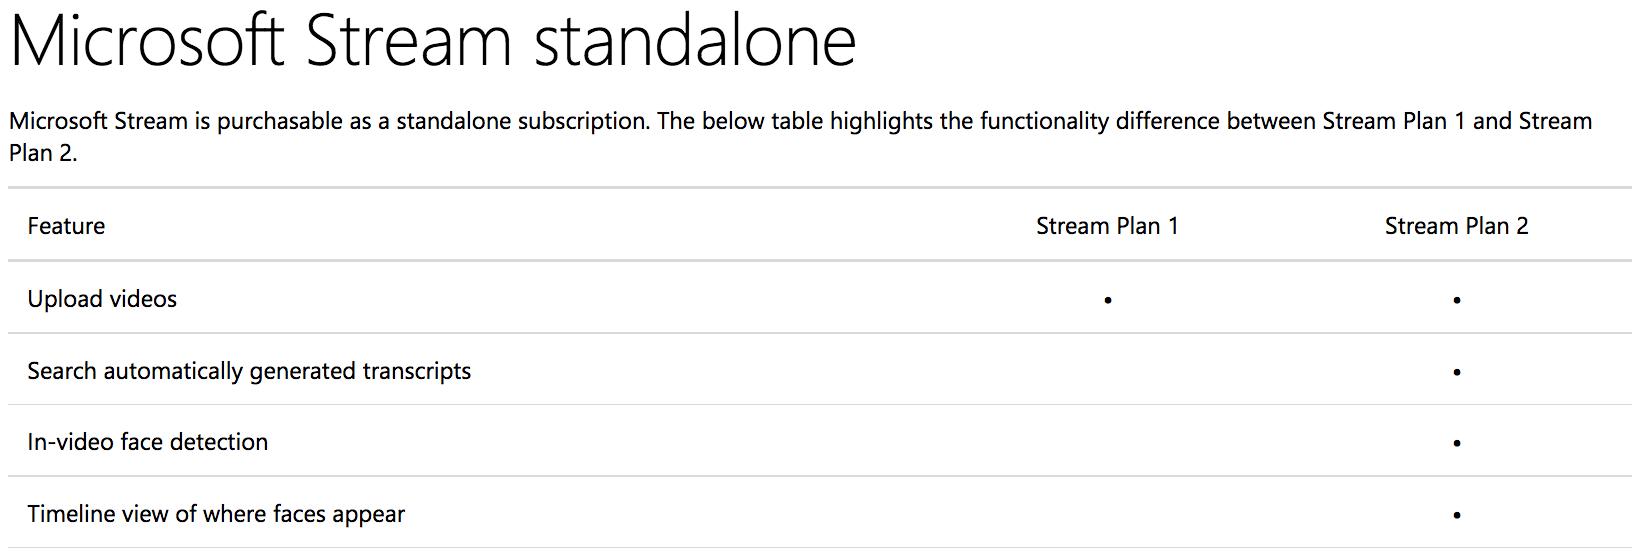 Lizenz Pläne die für Microsoft Stream zur Verfügung stehen - Plan 1 und Plan 2